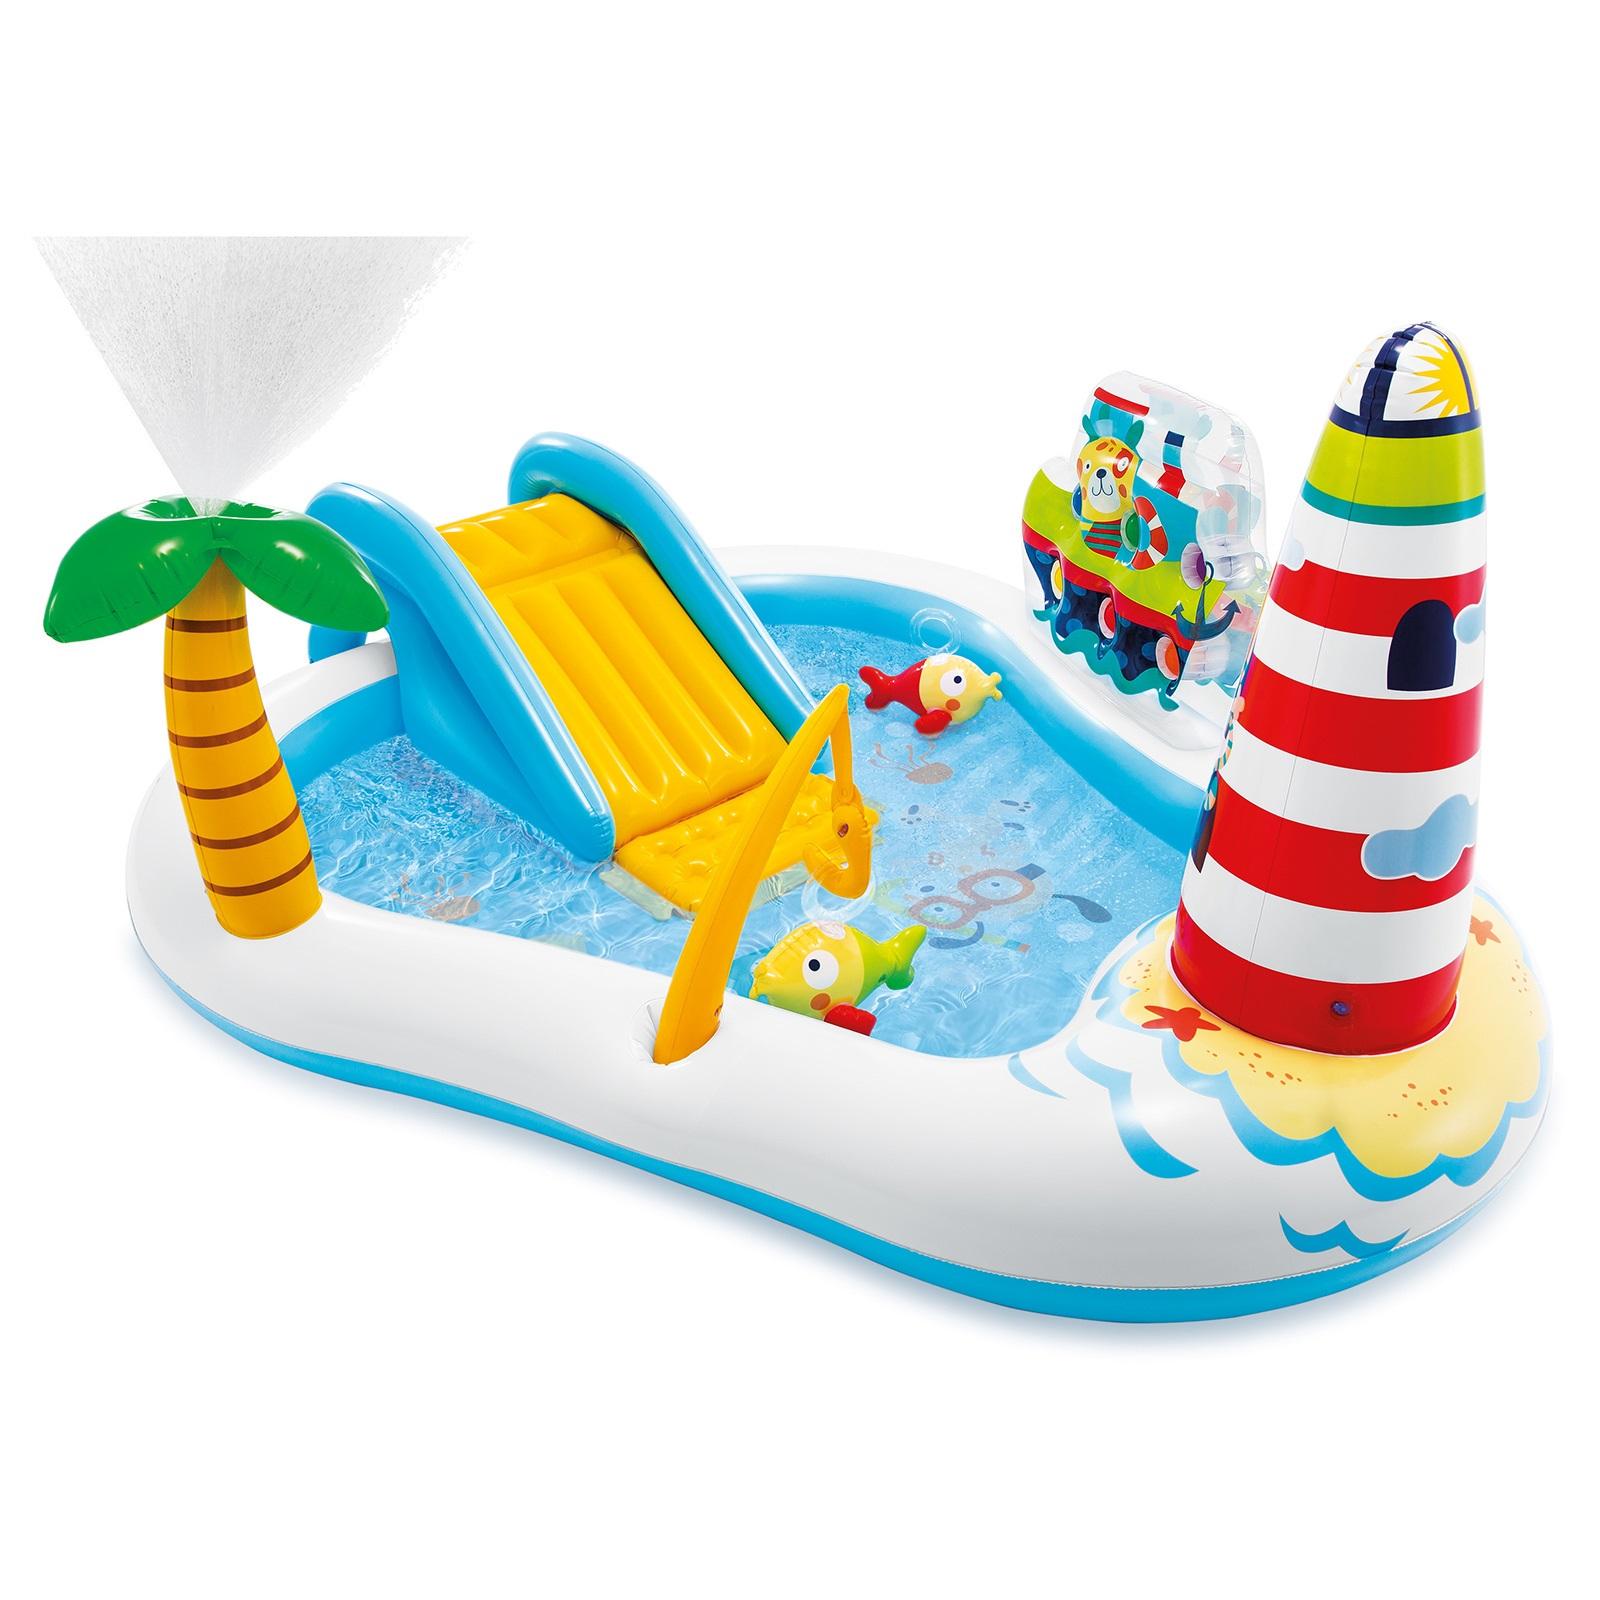 Купить Надувной игровой центр веселая рыбалка с горкой и фонтанчиком, 218х188х99 см, от 3 лет, INTEX, Детские бассейны